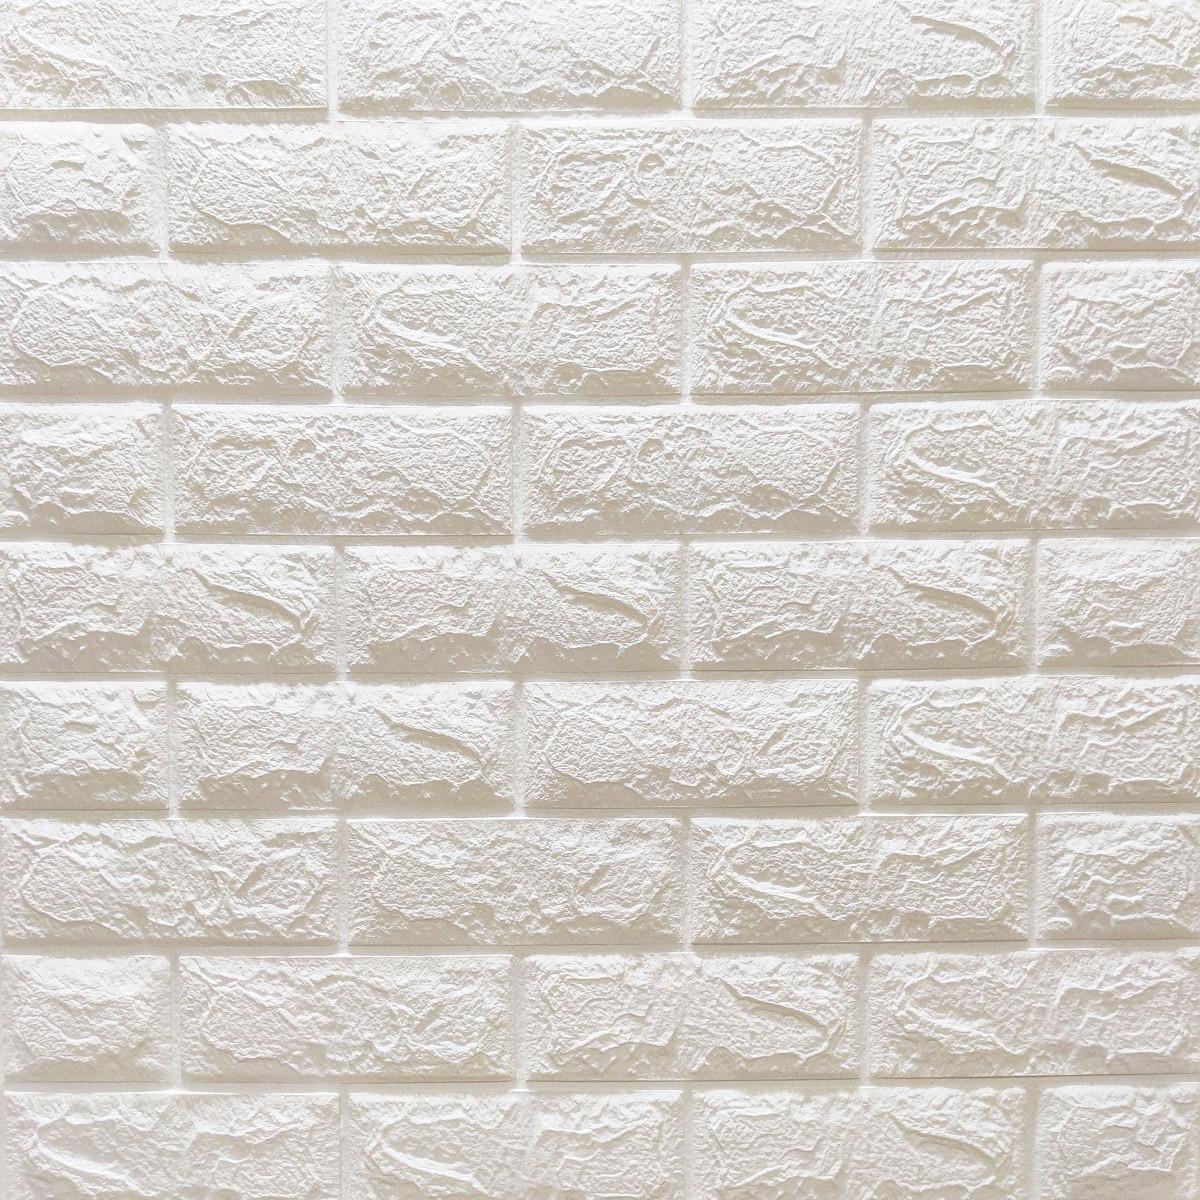 Декоративна 3D панель самоклейка під цеглу Білий Матовий 700х770х7мм